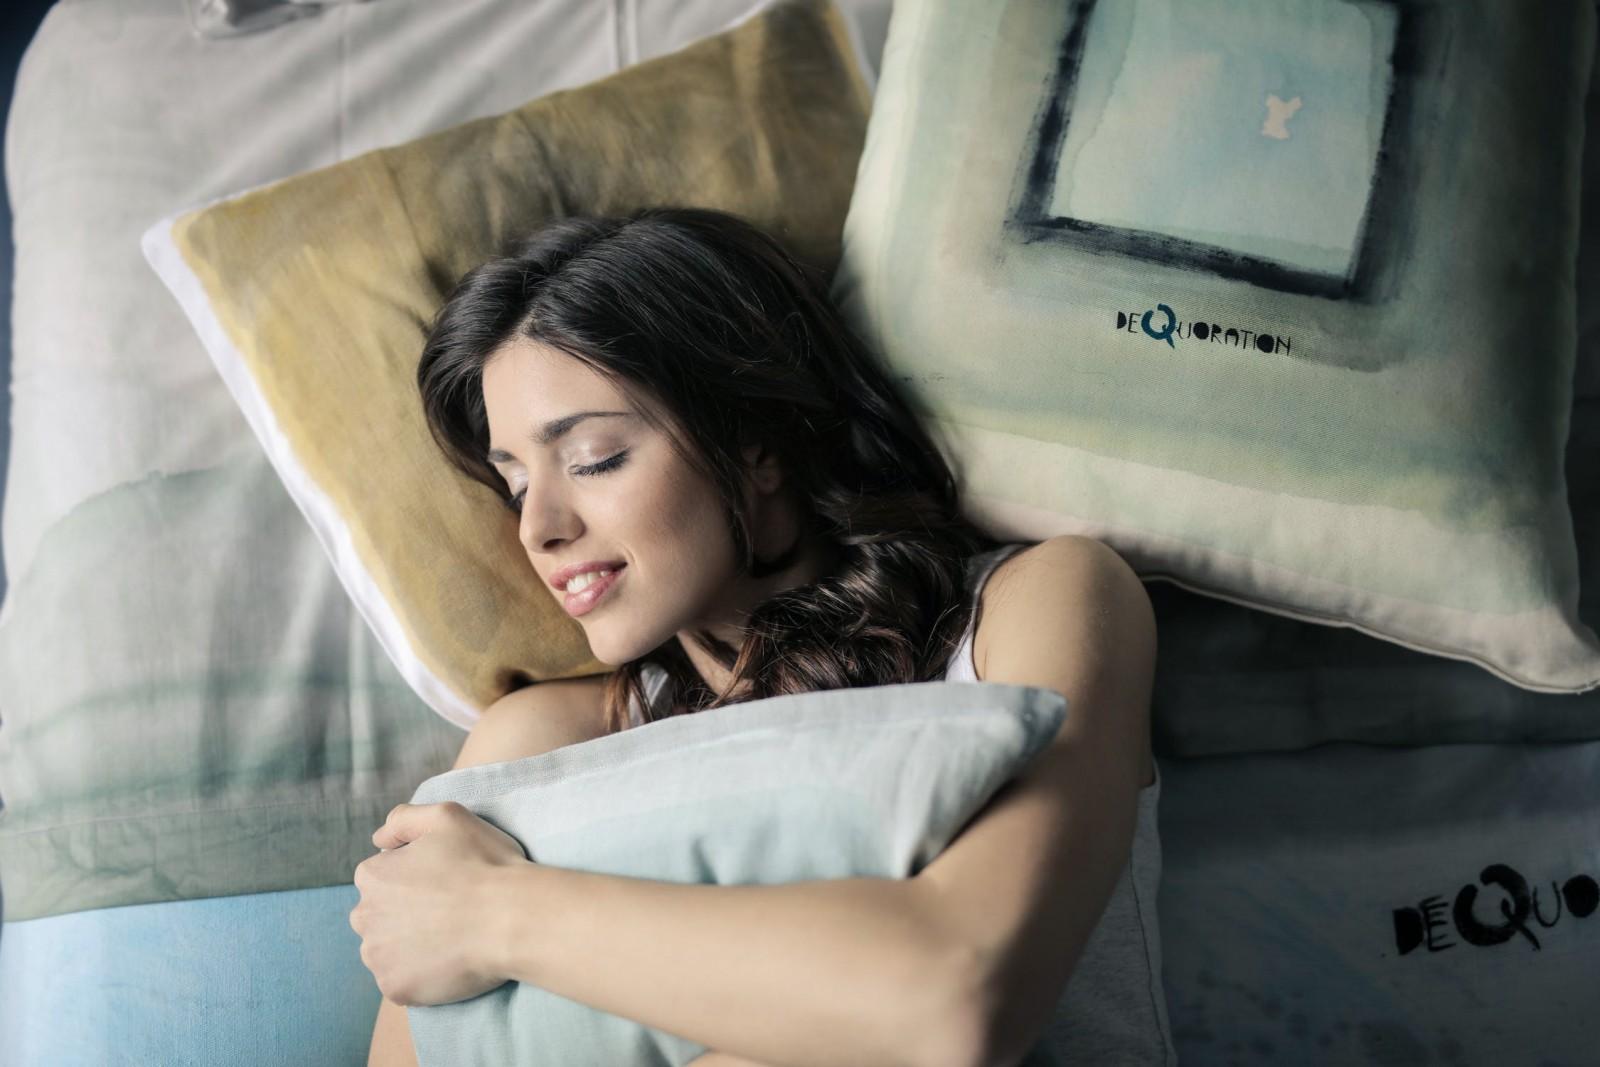 Thường xuyên mệt mỏi khi thức dậy có thể là vì một trong 4 nguyên nhân sau - Ảnh 1.